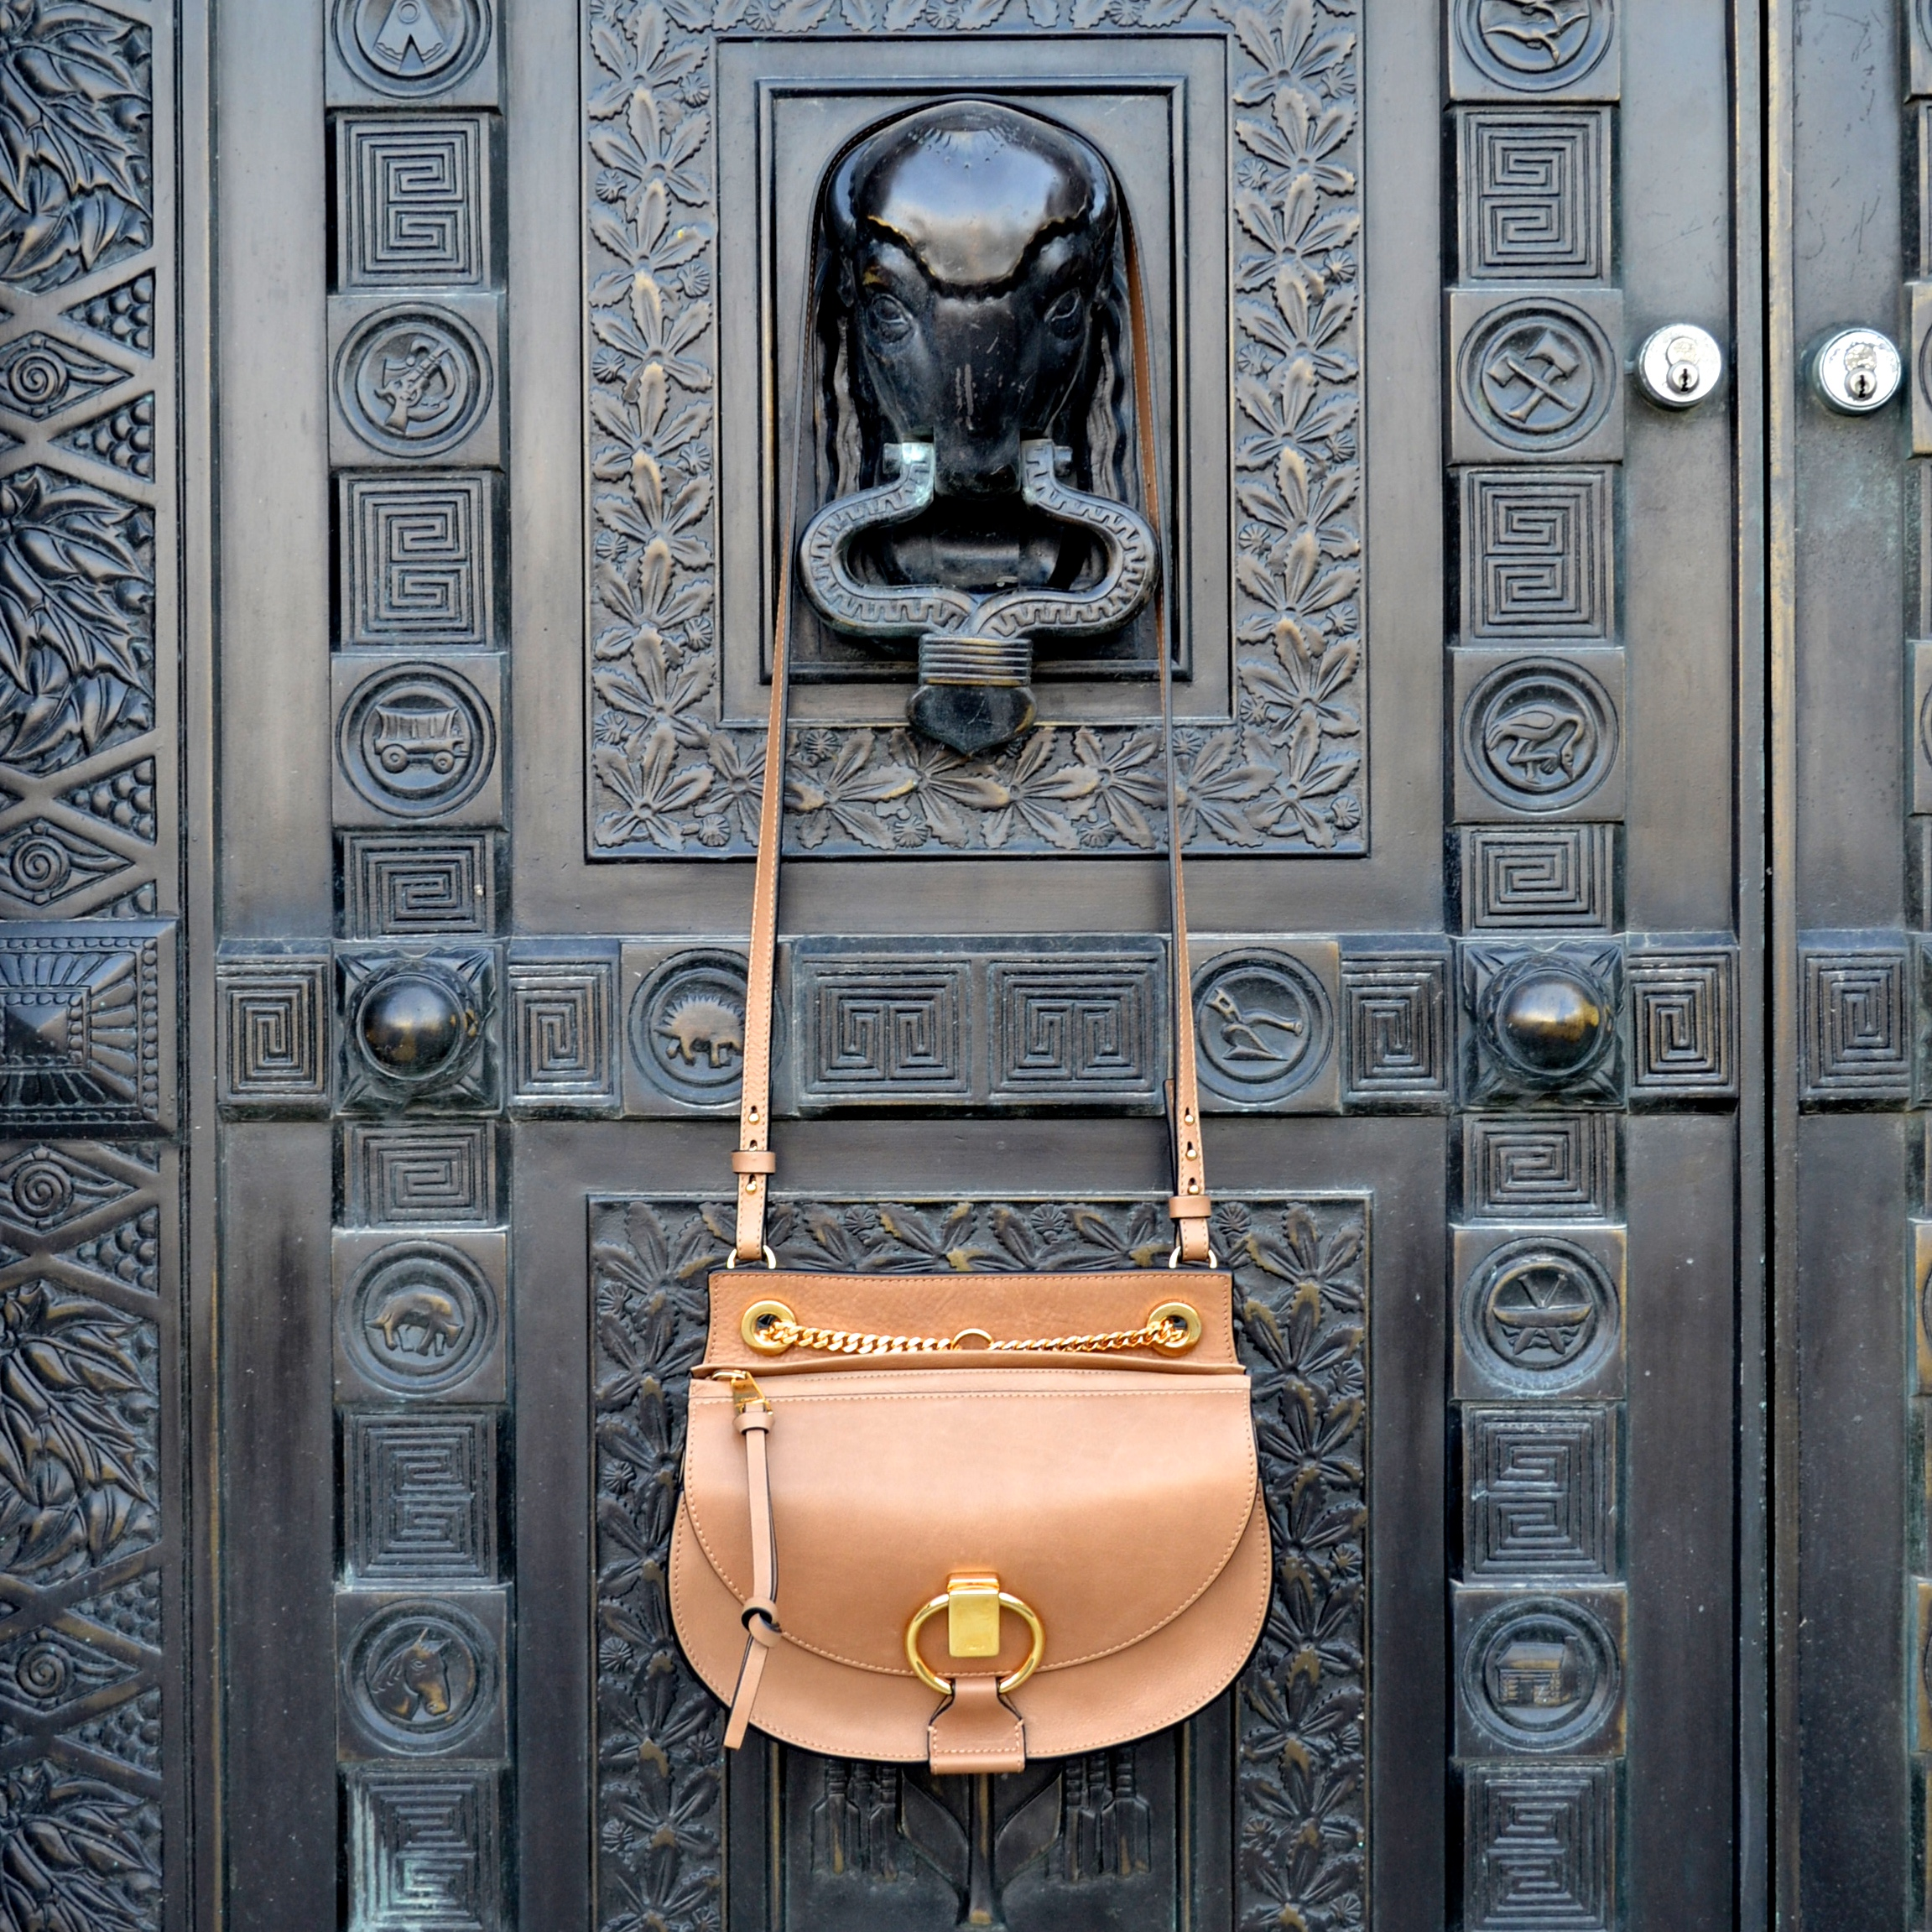 chloe goldie bag